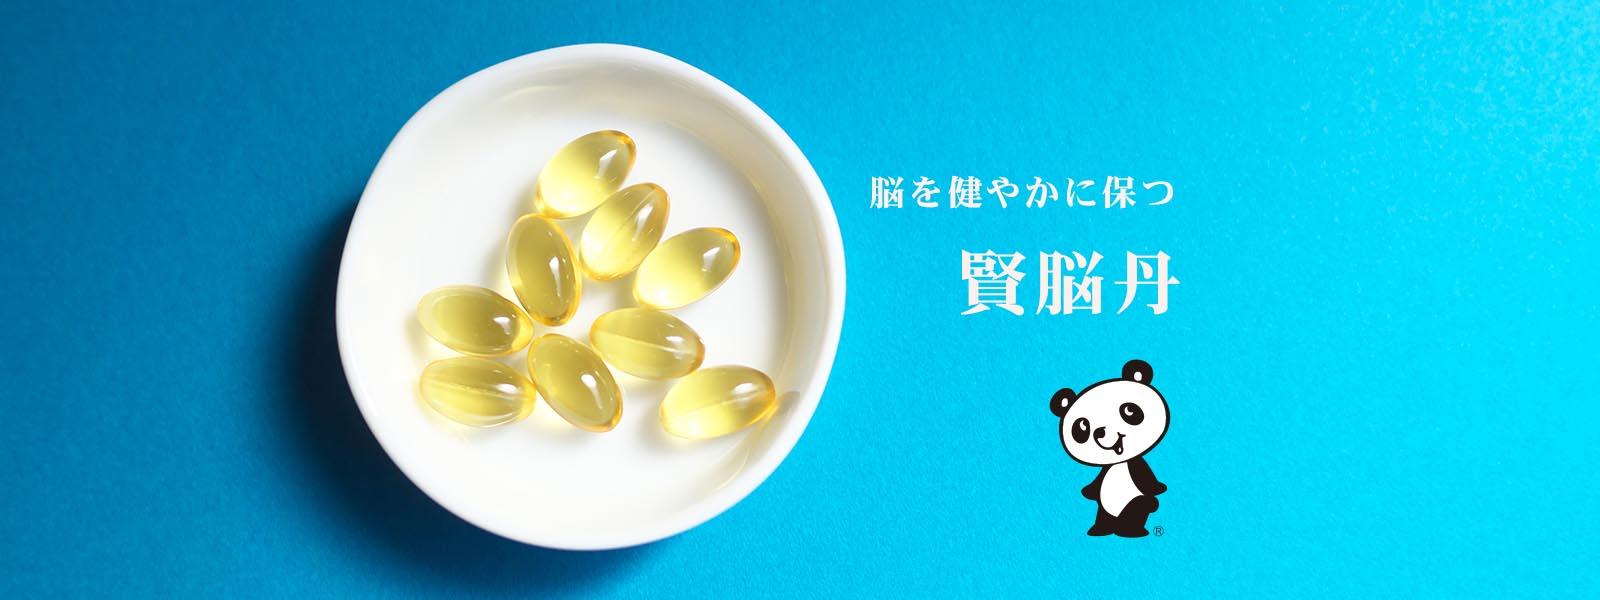 イスクラ星火賢脳丹 イスクラの漢方薬のご購入は、表参道・青山・原宿・渋谷エリアにある漢方薬店・薬戸金堂へ